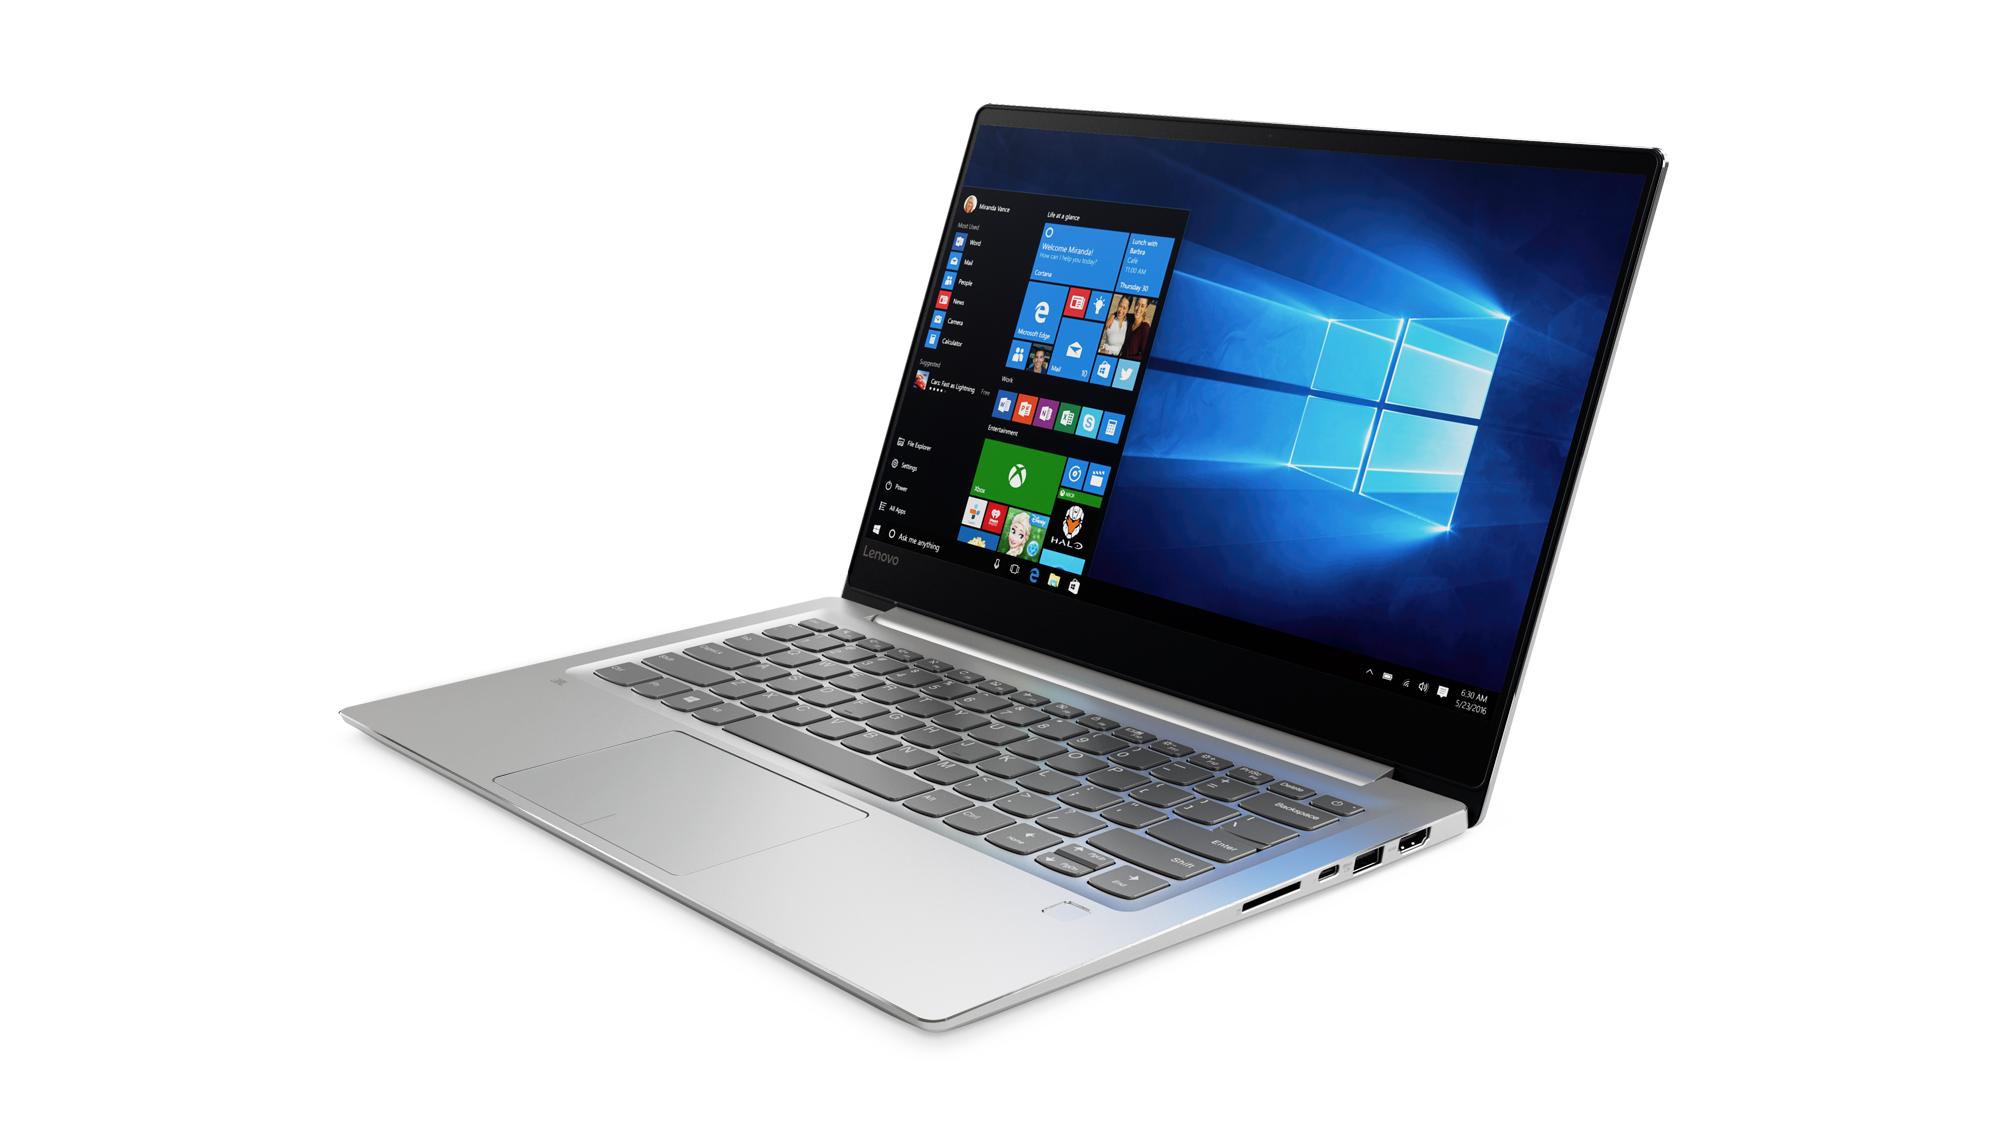 """Lenovo IdeaPad 720S-14IKB i5-7200U 3,10GHz/8GB/SSD 256GB/14,0"""" FHD/IPS/AG/GeForce 2GB/WIN10 stříbrná 80XC0013CK"""